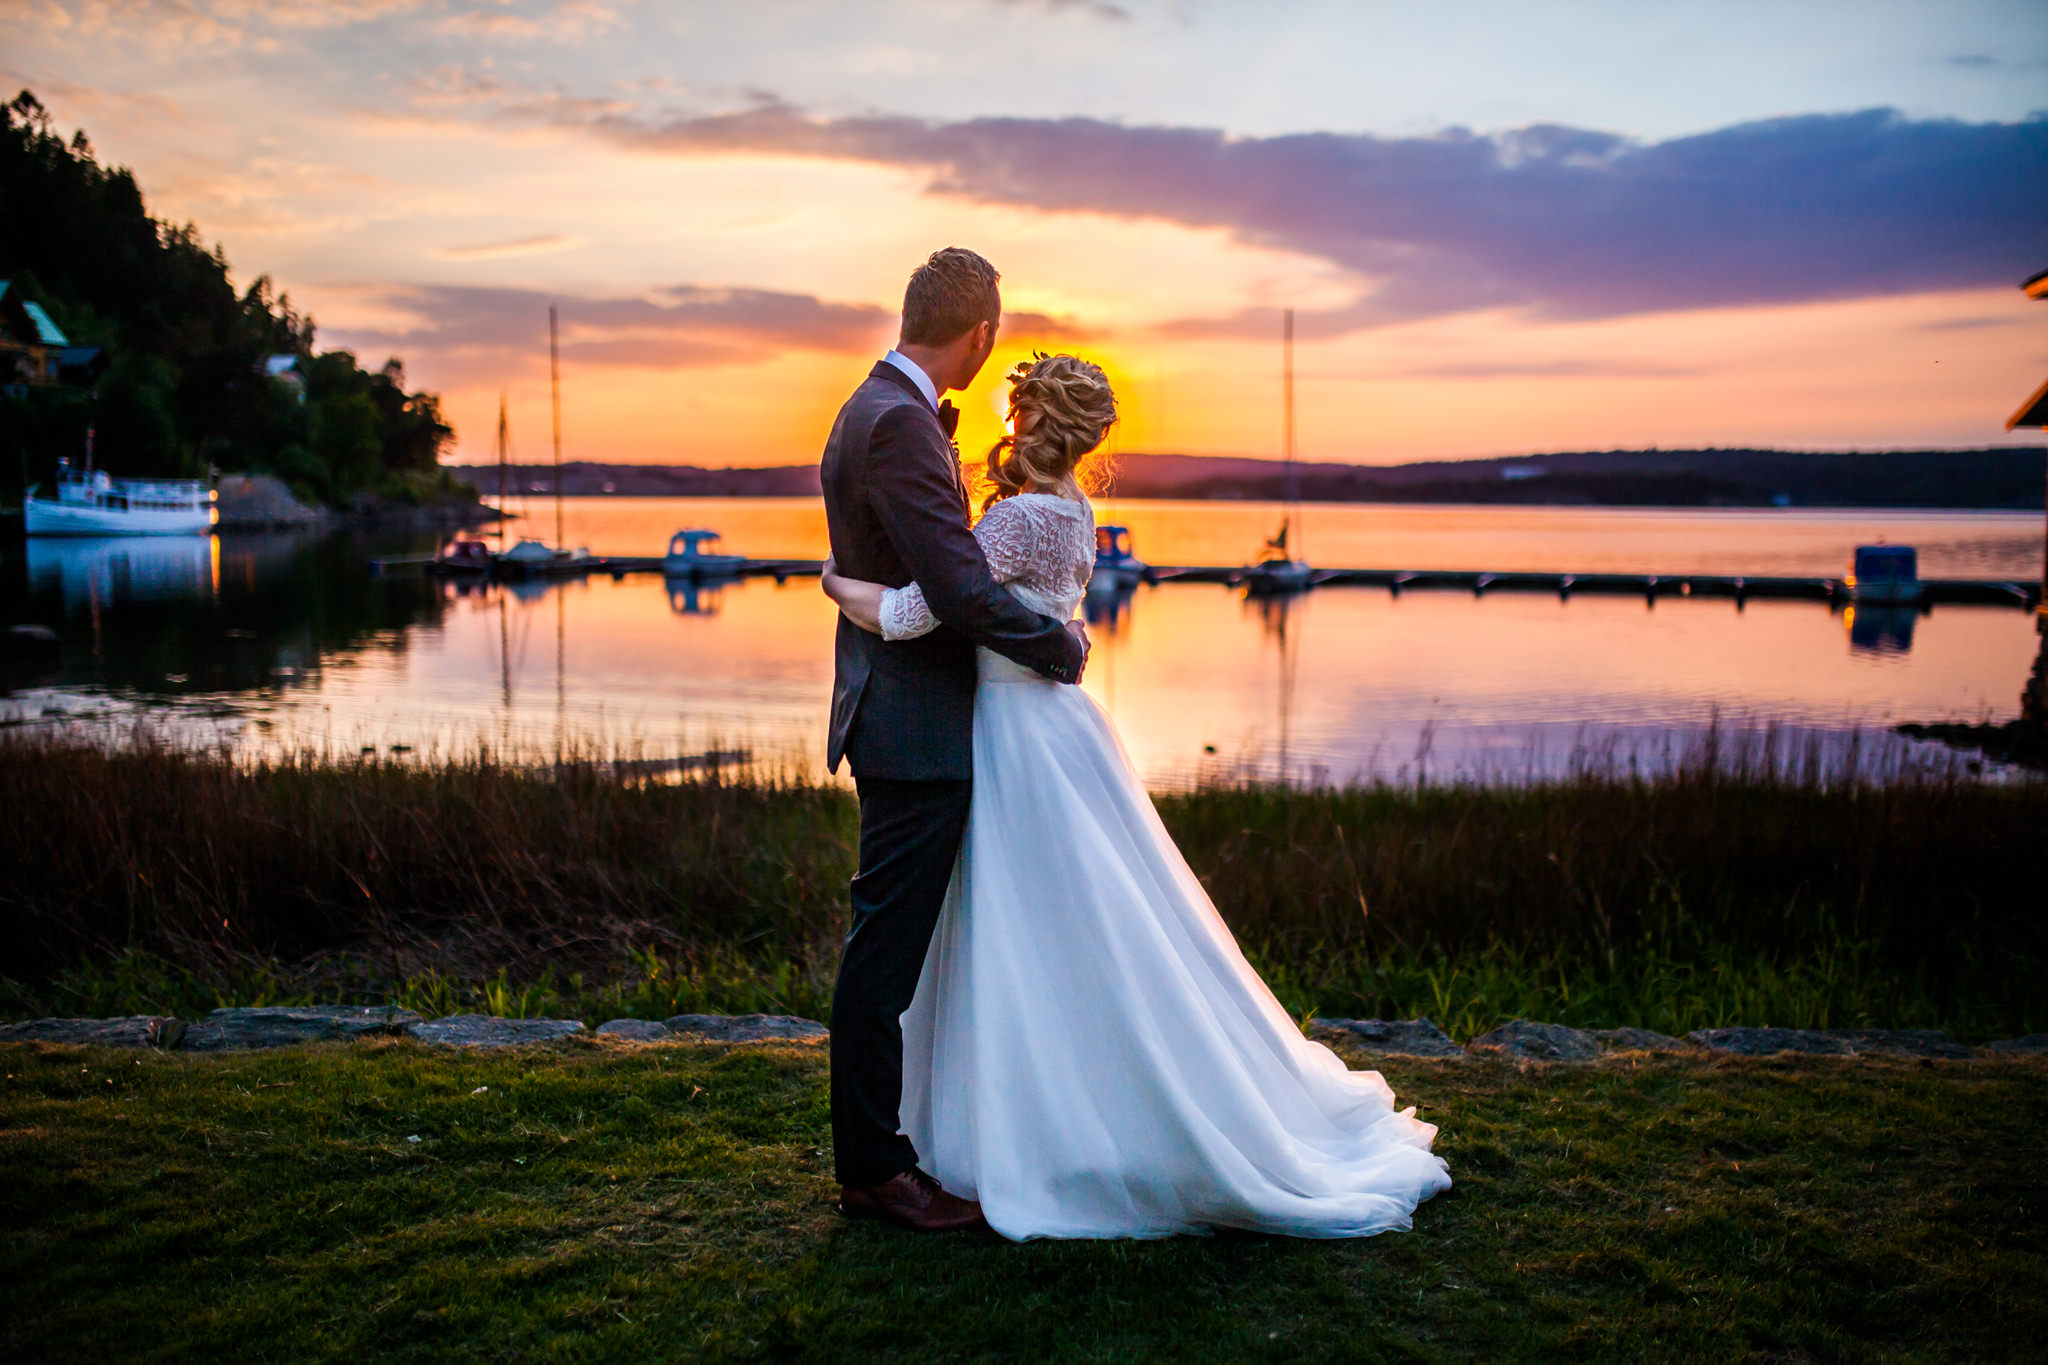 Golden hour fotografering under bröllop vid Gustavsbergs societetshus i Uddevalla